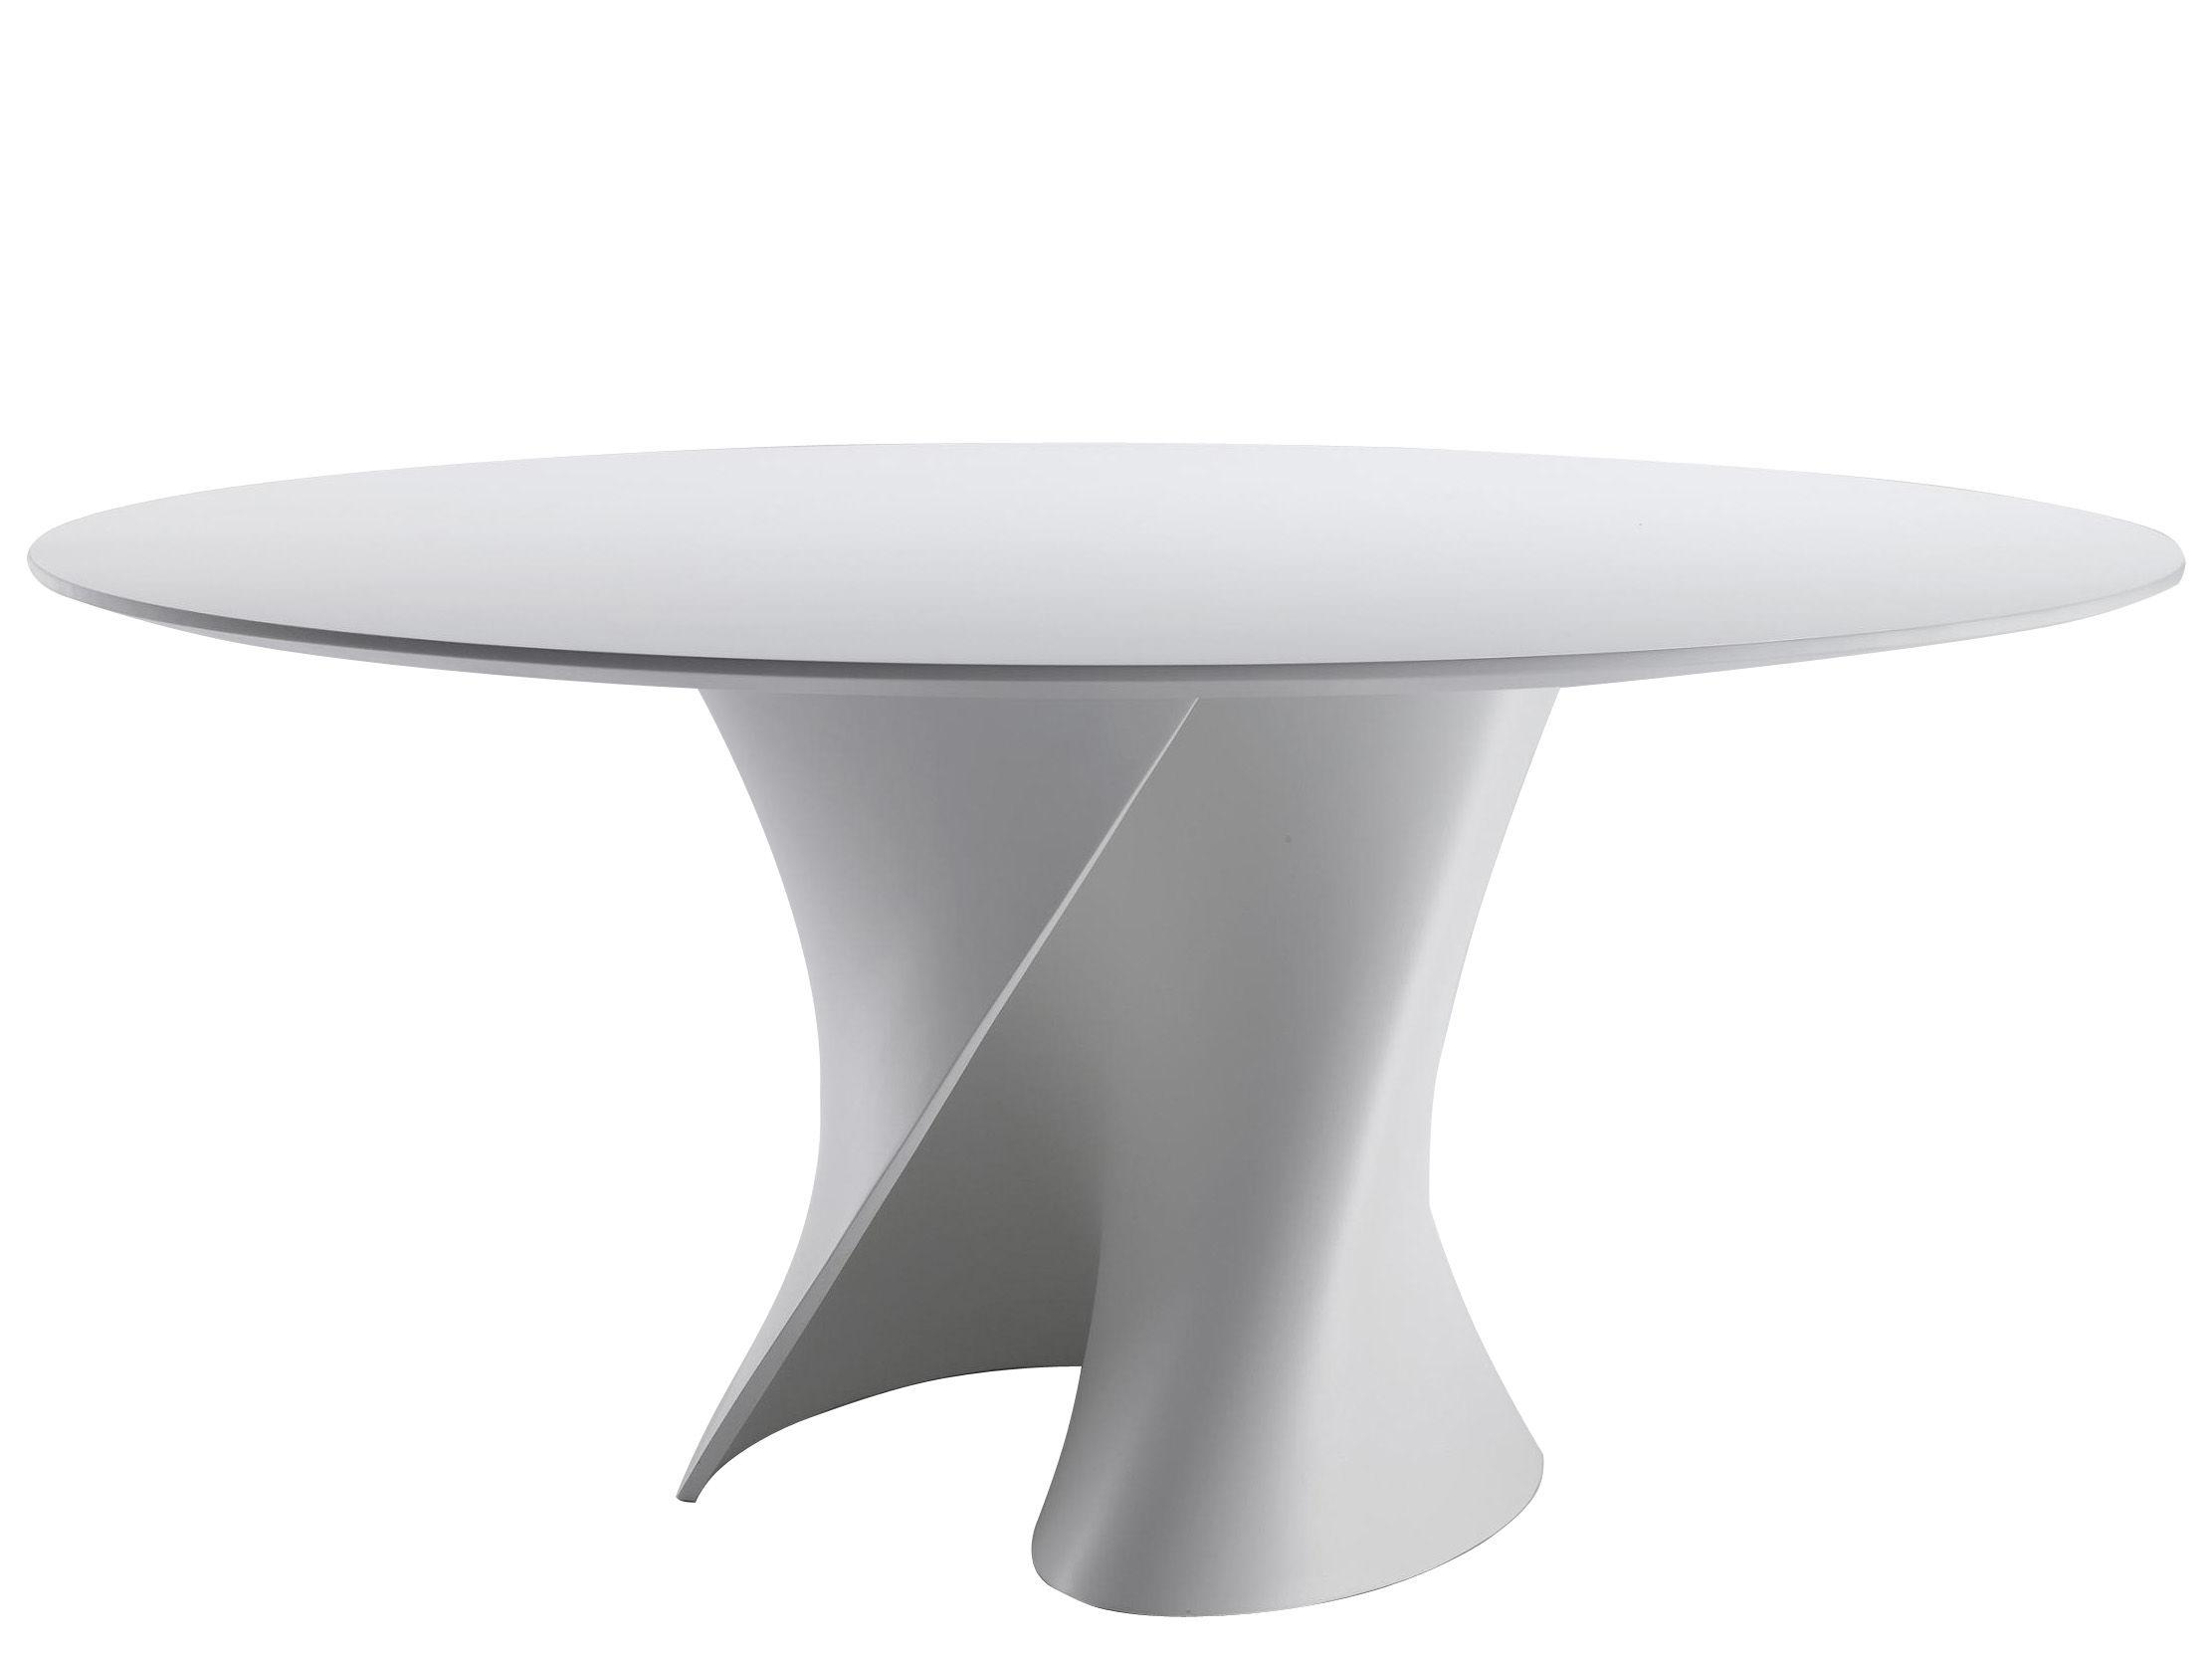 Trends - Zu Tisch! - S Runder Tisch Ø 140 cm - MDF Italia - Platte weiß - weiße Basis - Cristalplant